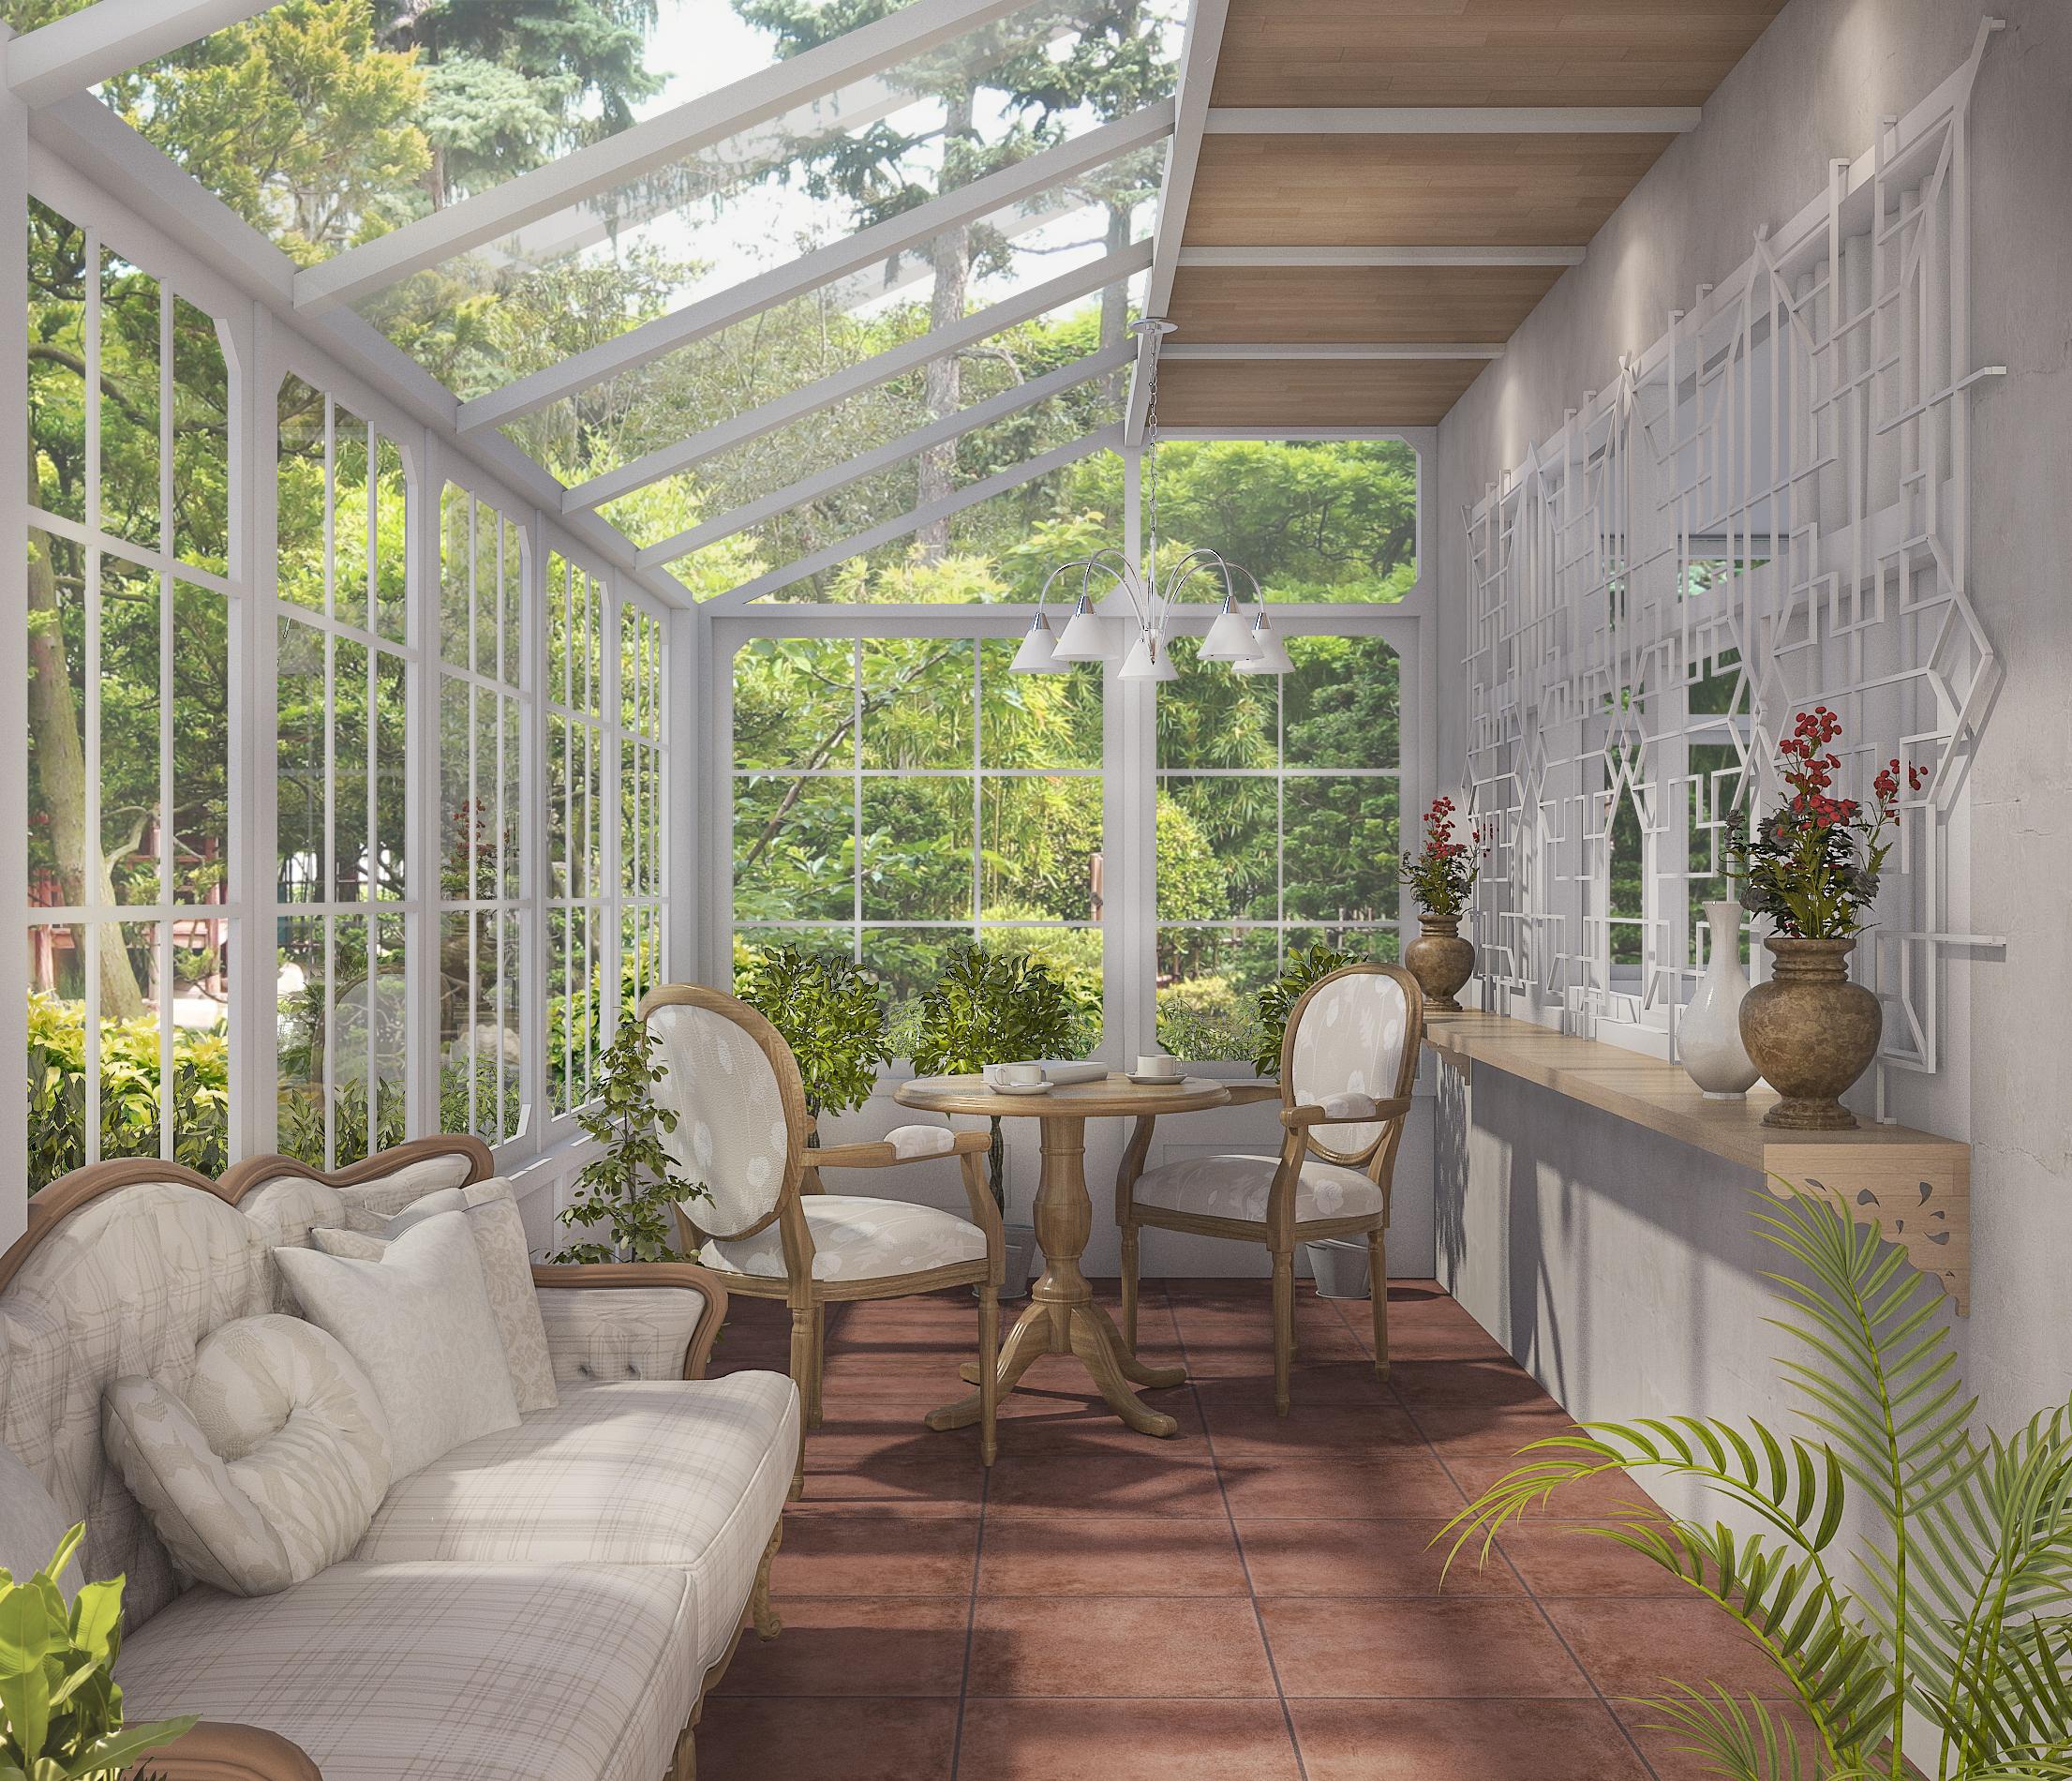 Coprire Terrazzo Con Veranda realizzare una veranda per ampliare lo spazio abitativo - sprech